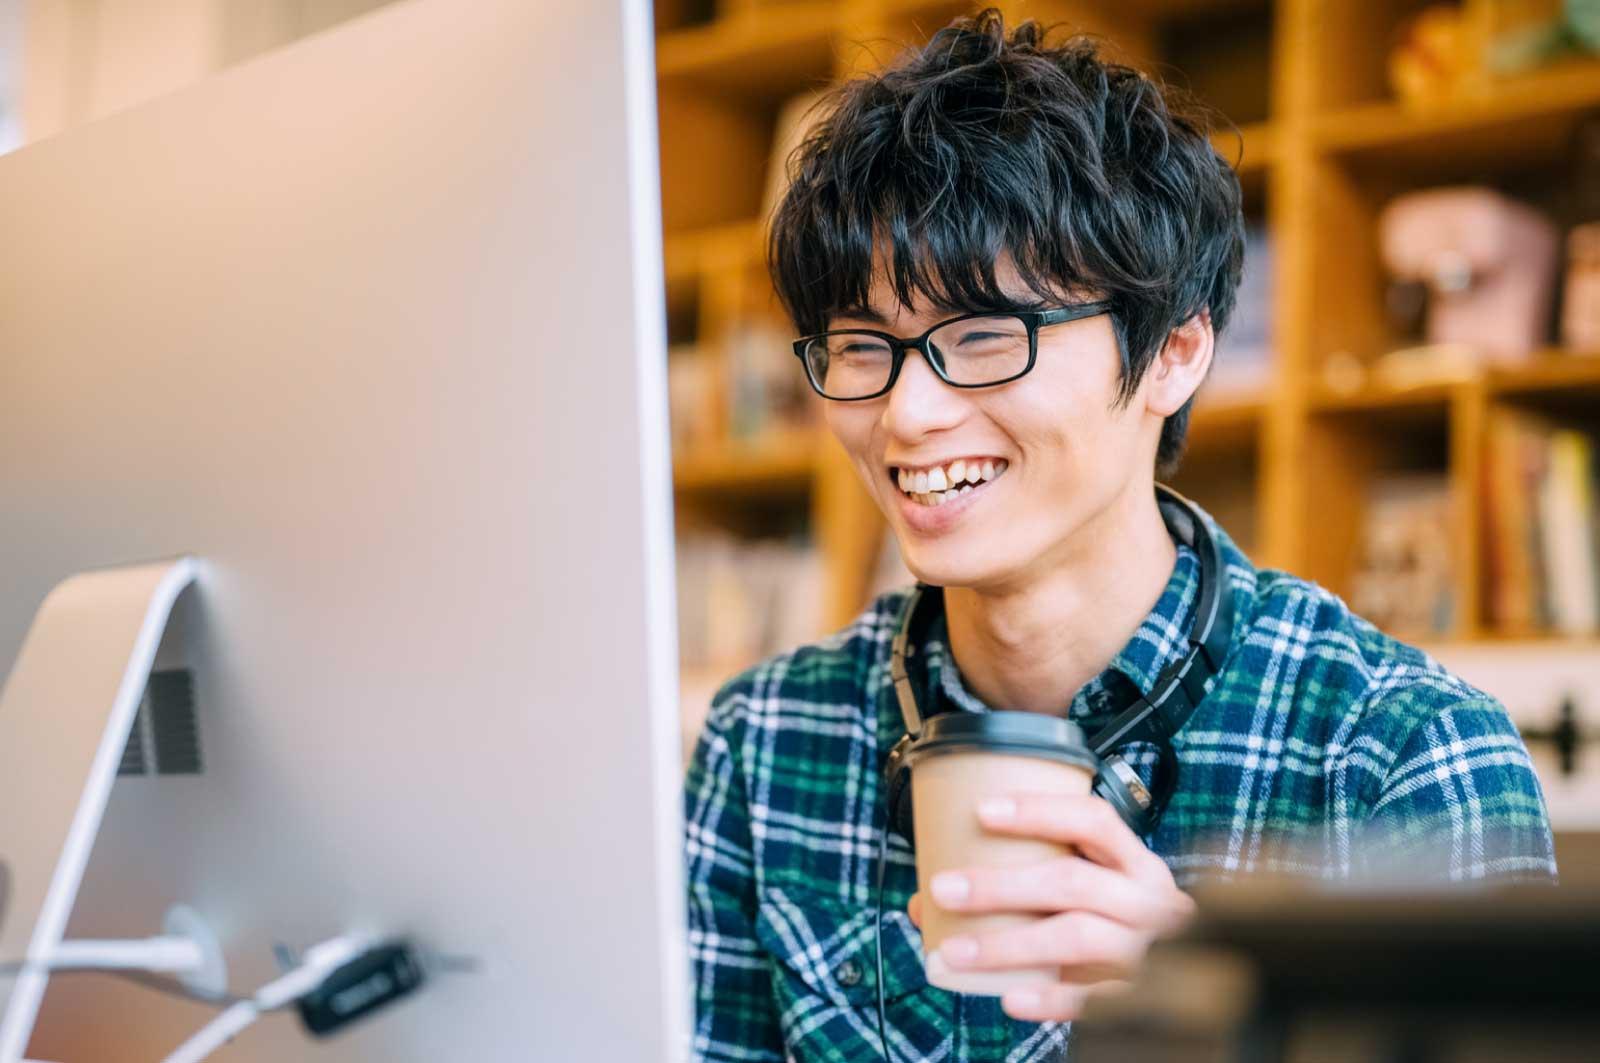 東京に住む30歳のフリーランサー